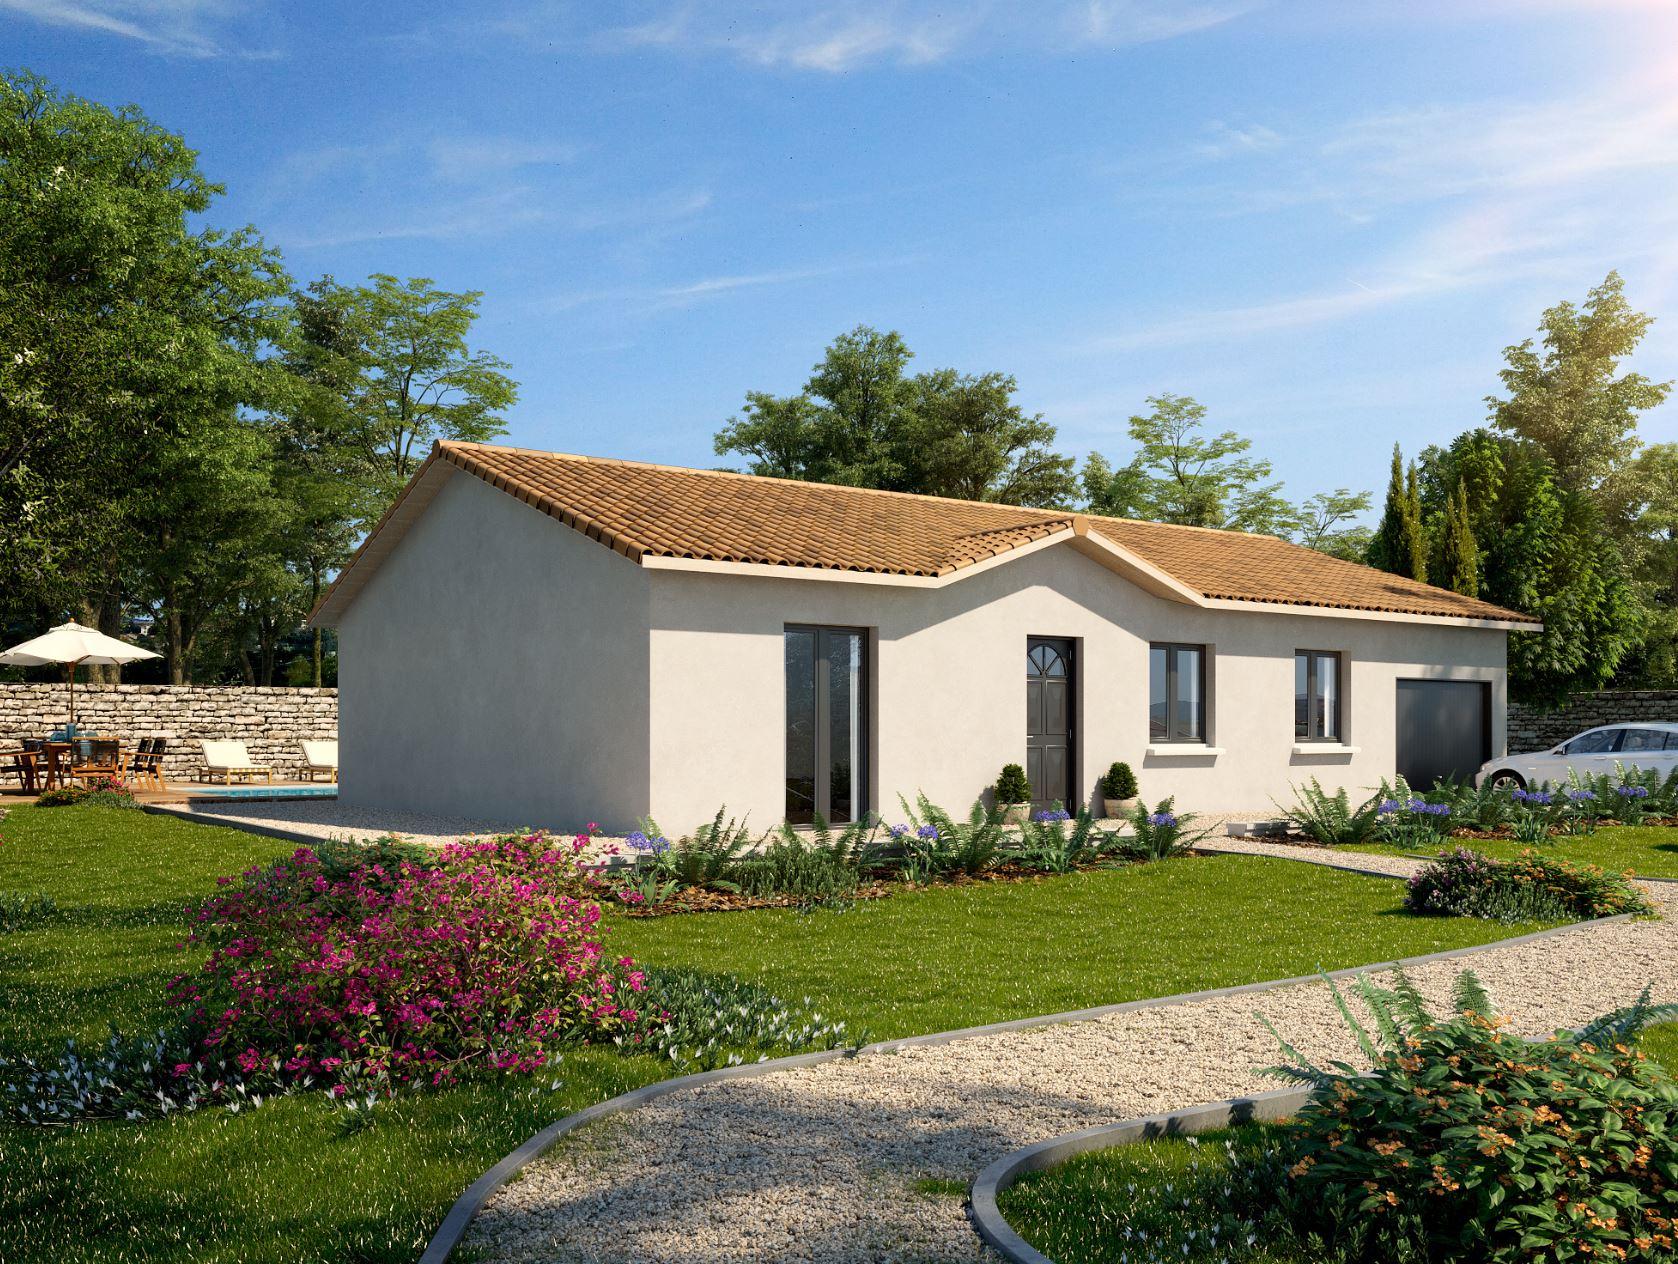 Maisons + Terrains du constructeur MAISONS PUNCH • 100 m² • LAGNIEU